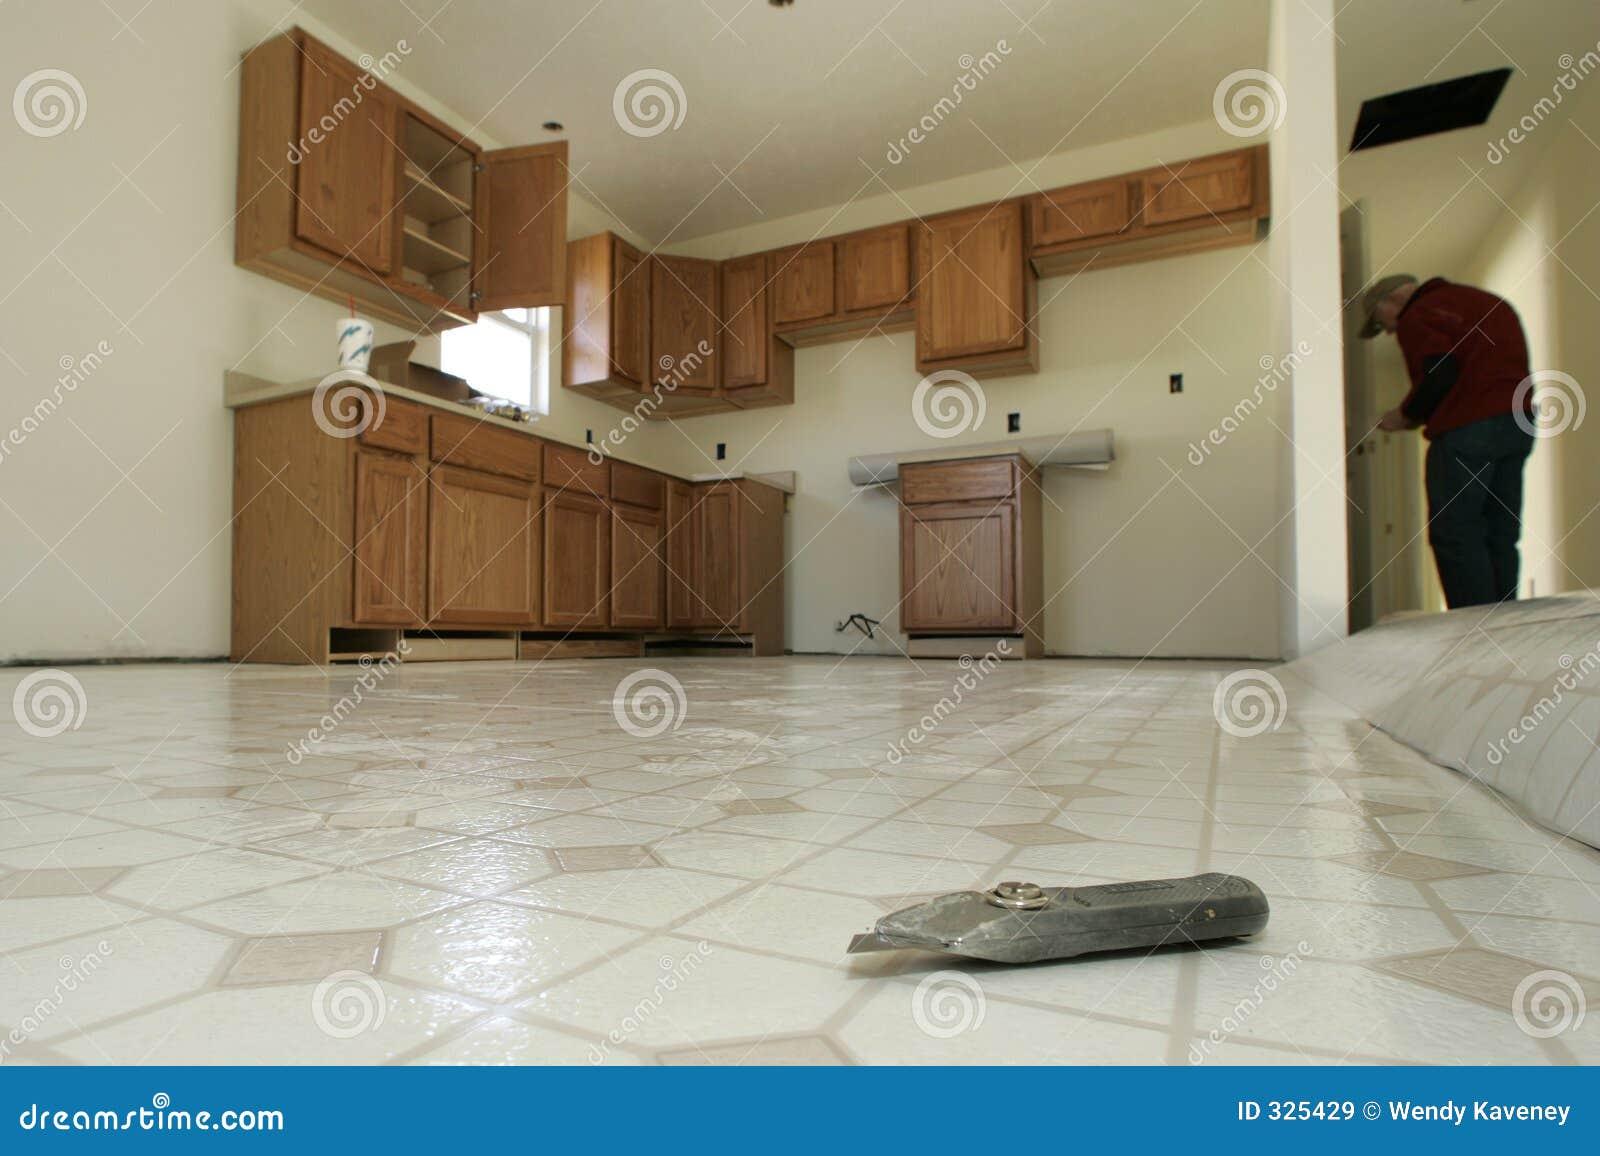 installazione del pavimento della cucina immagine stock